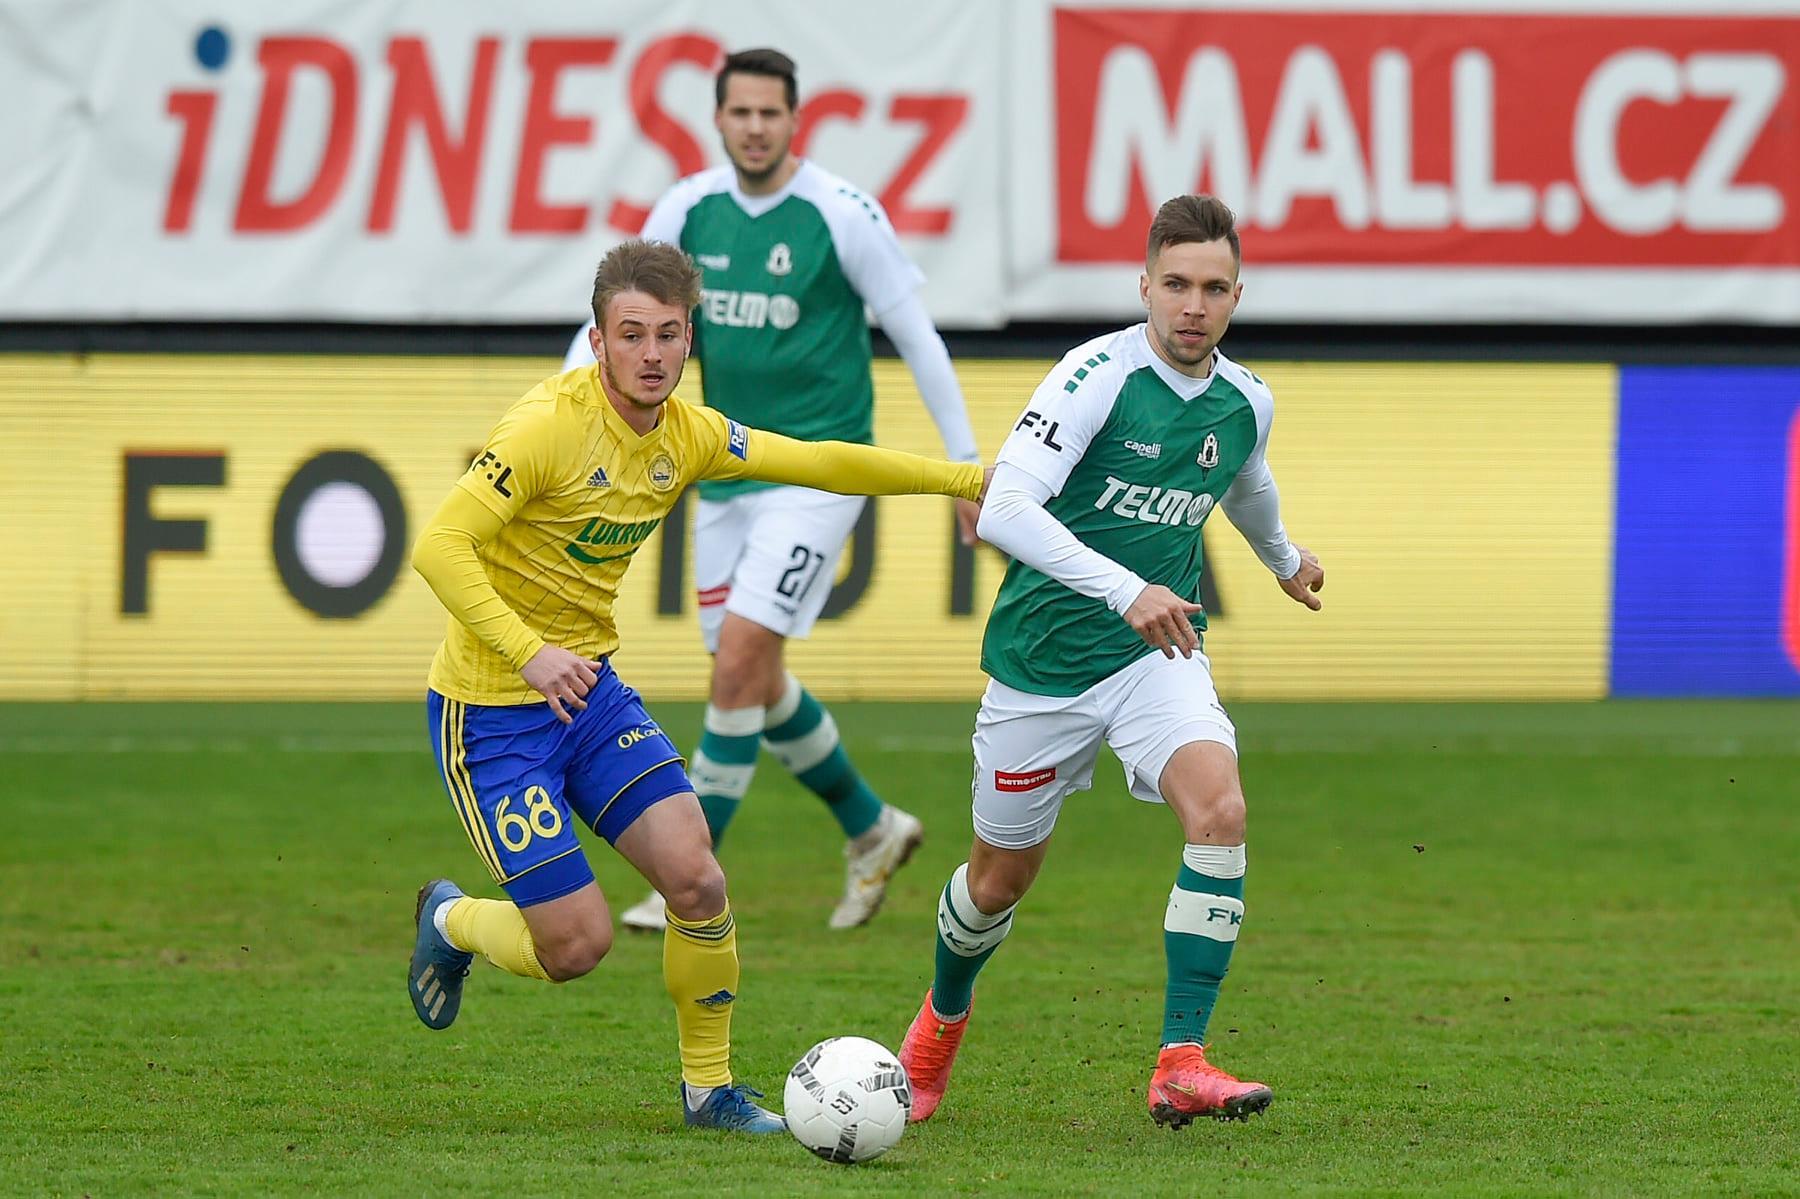 Fotbalisté Zlína prohráli na hřišti Jablonce 1:3. Na snímku záložník Fastavu Jakub Janetzký (ve žlutém dresu). Foto: FK Jablonec